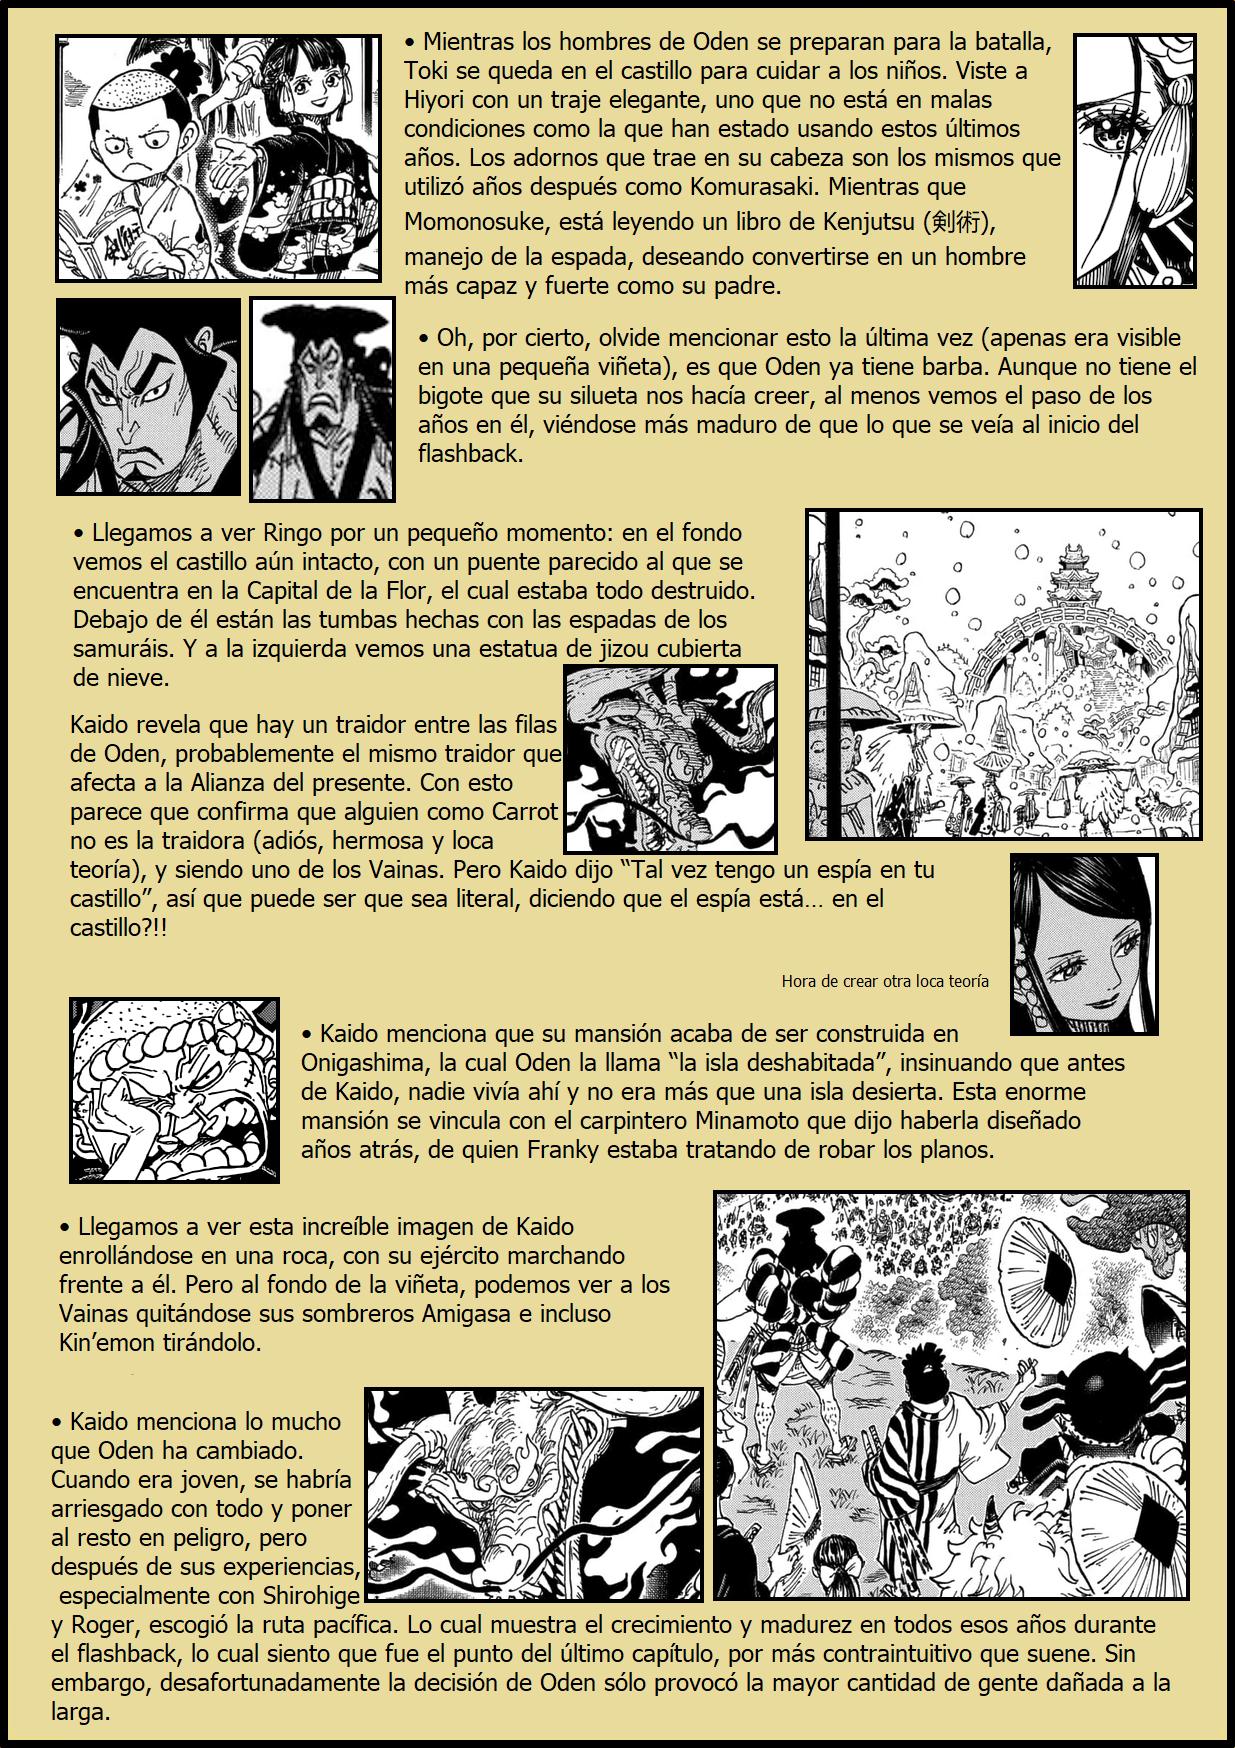 Secretos & Curiosidades - One Piece Manga 970 02